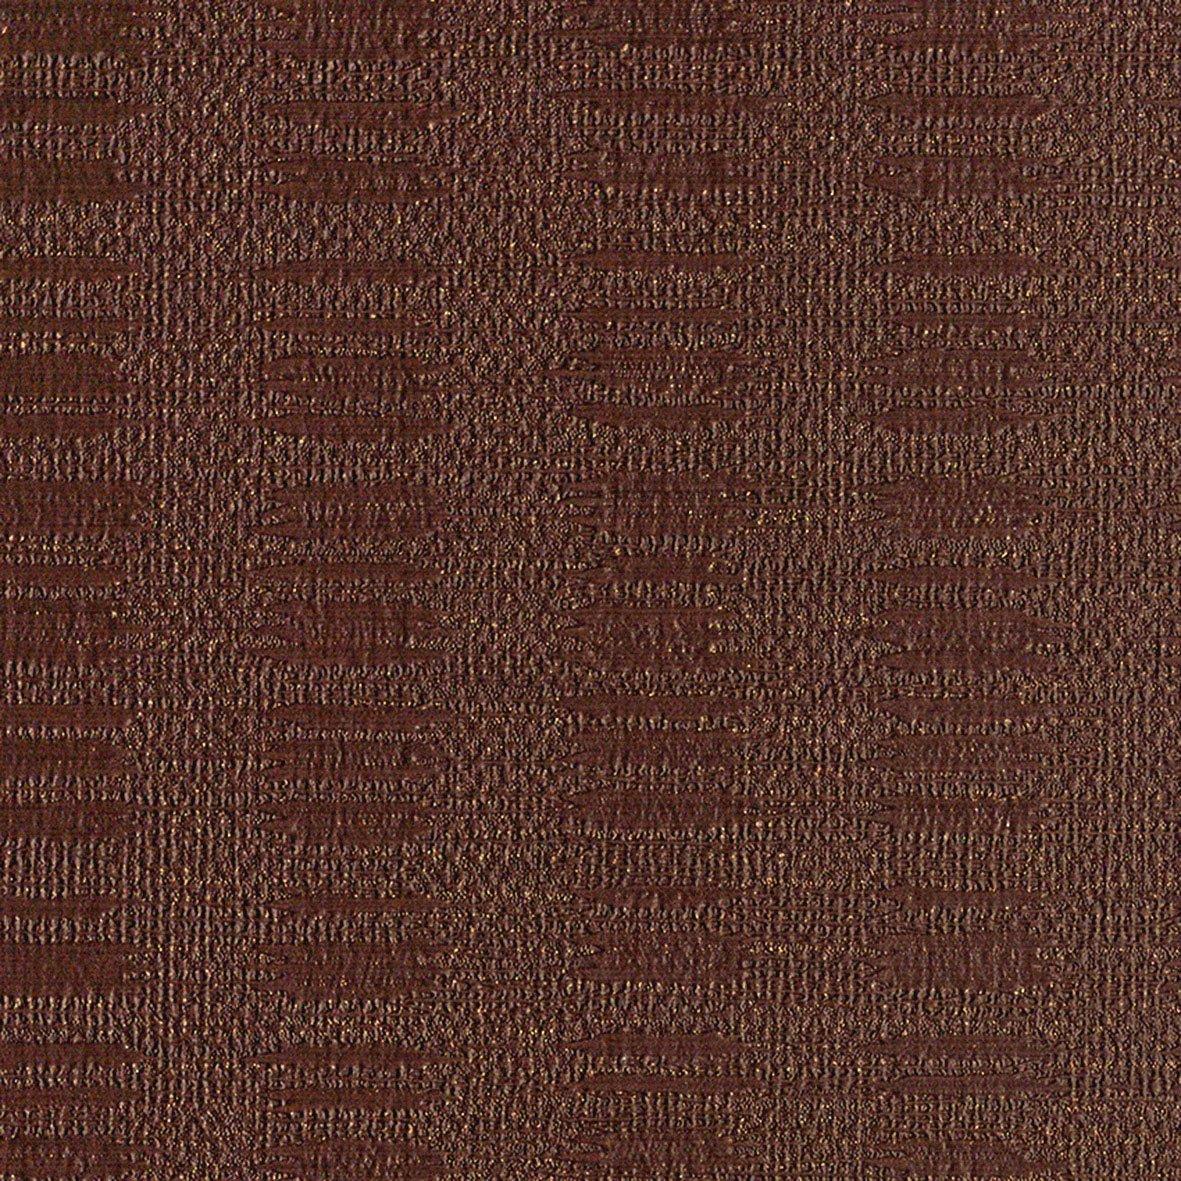 リリカラ 壁紙24m 和 織物調 ブラウン 和調 LV-6394 B01IHORE72 24m|ブラウン